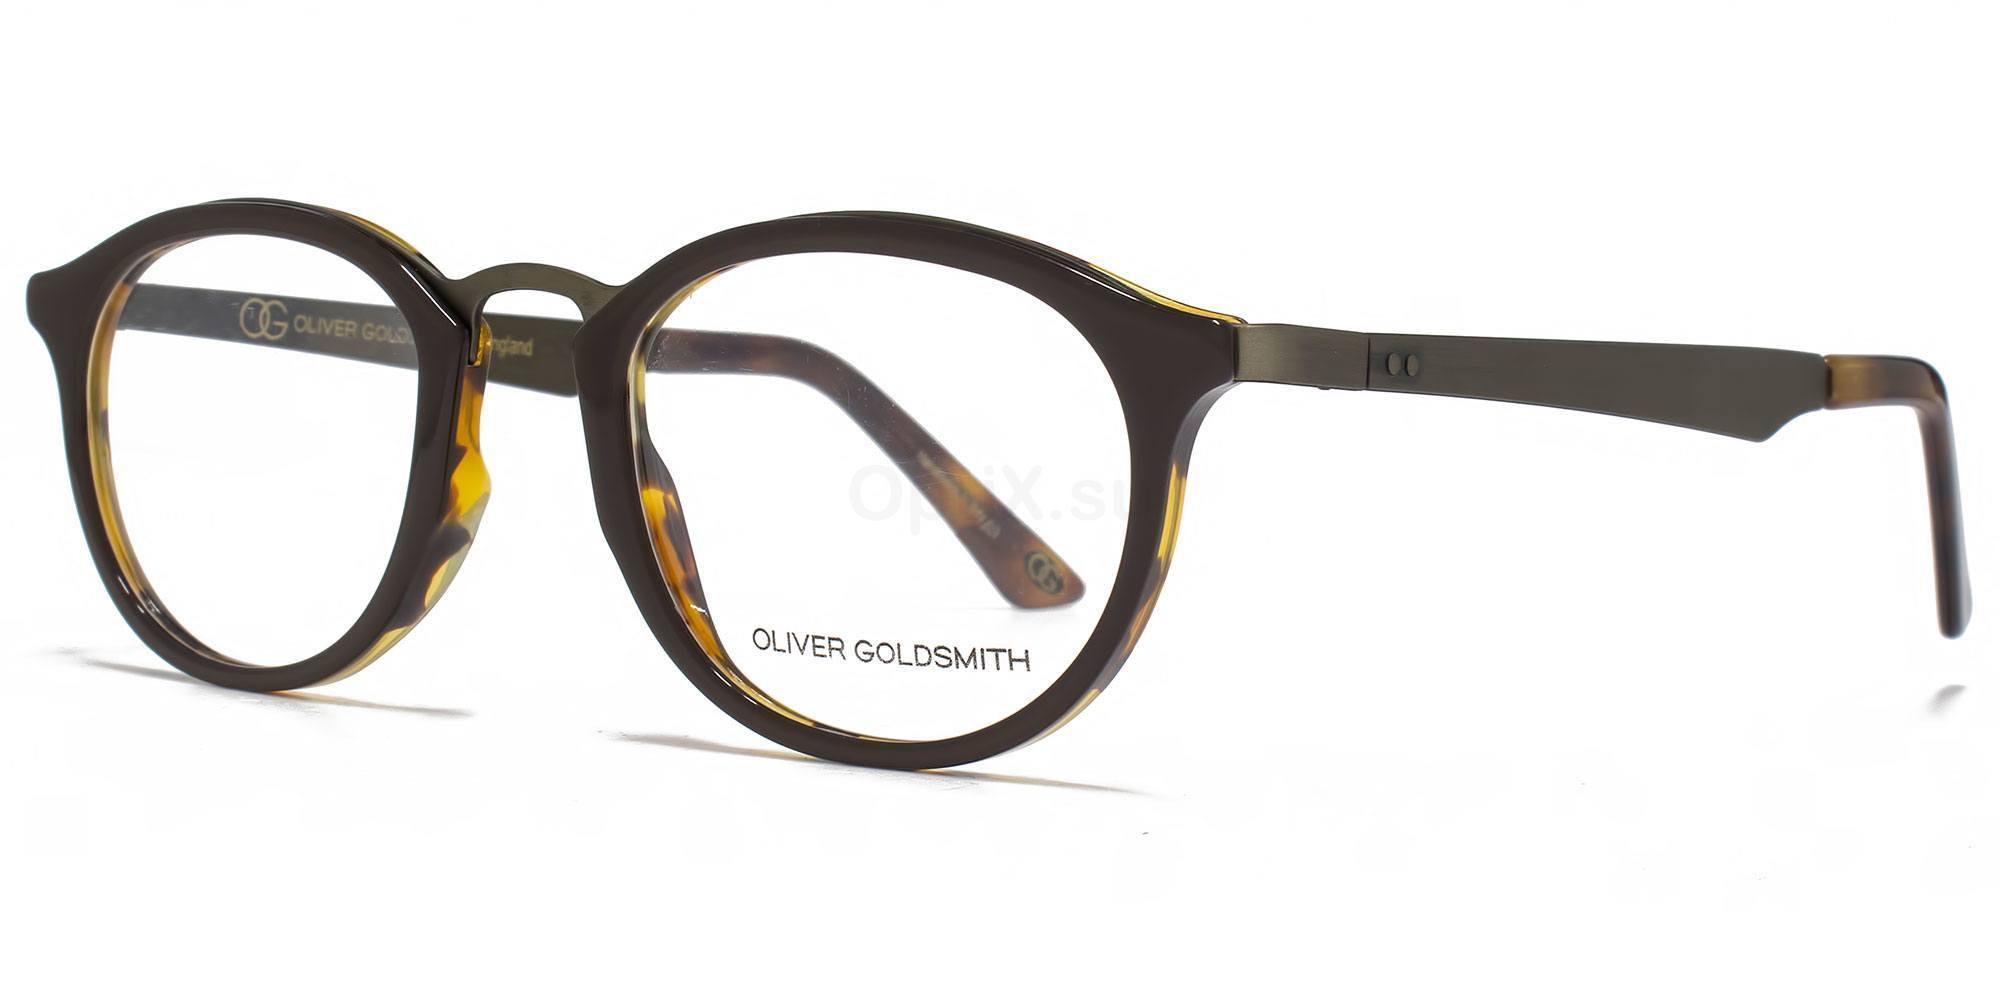 01 OLI005 - JAMIE , Oliver Goldsmith